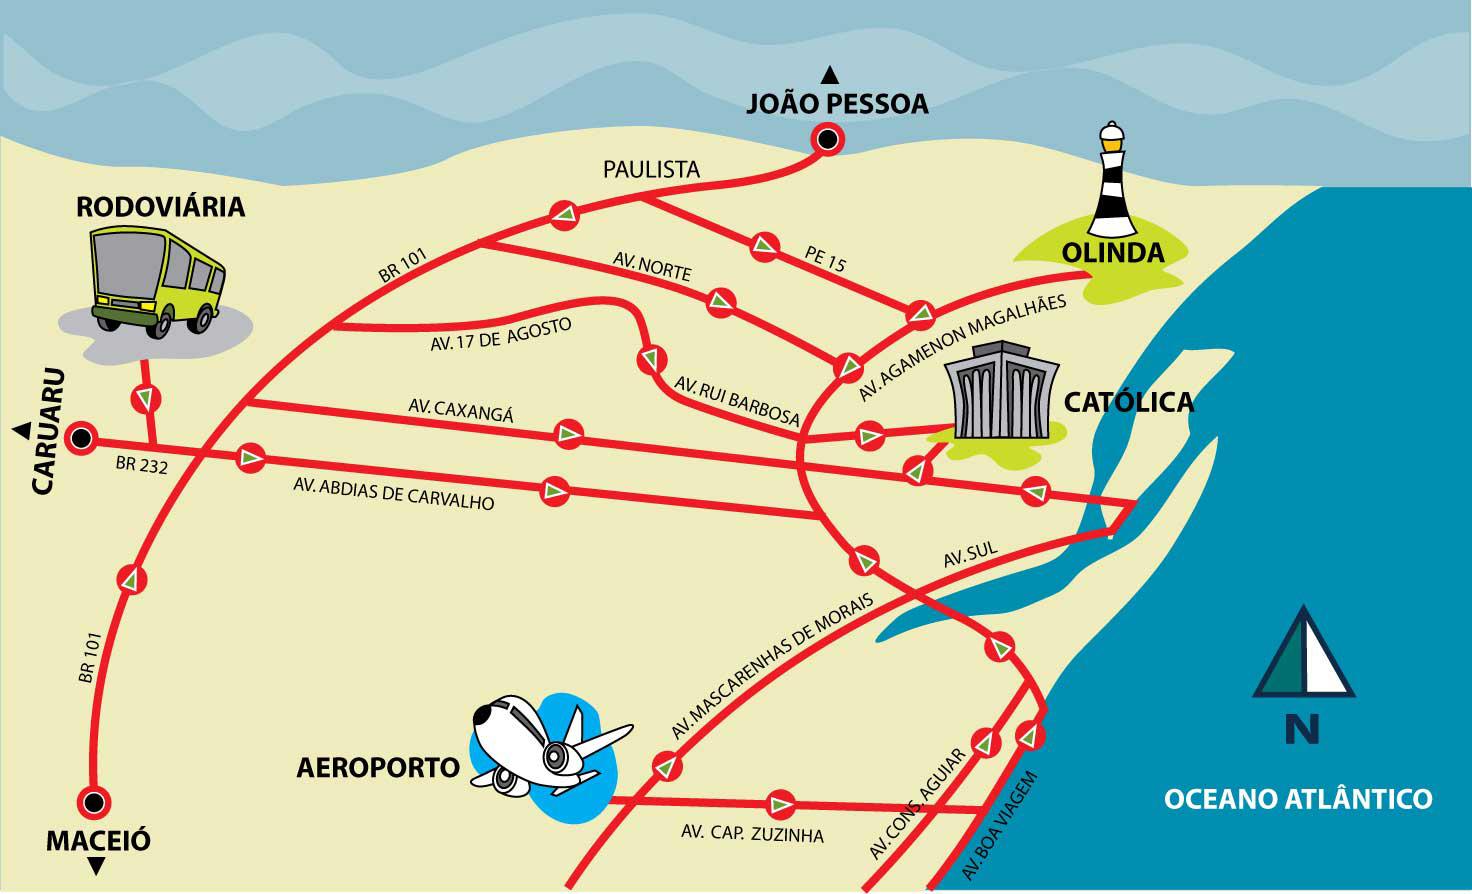 7º Encontro Internacional Das Aguas Data E Local